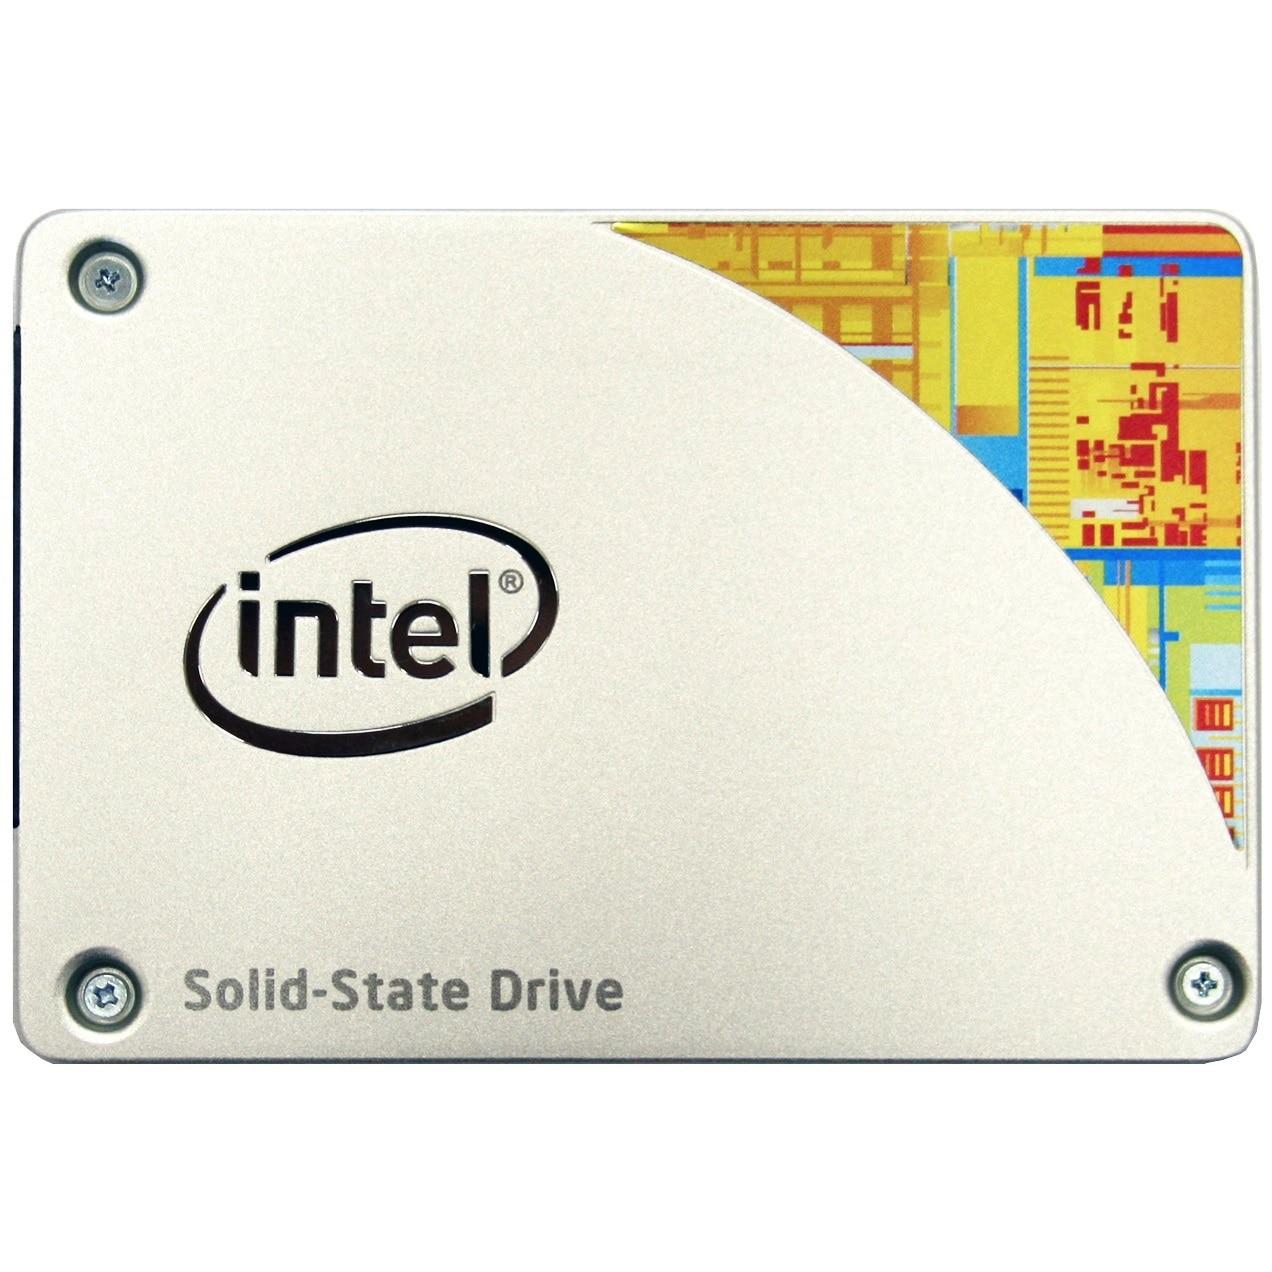 Fotografie Solid State Drive (SSD) Intel 535 Series, 120GB, 2.5'', SATA III